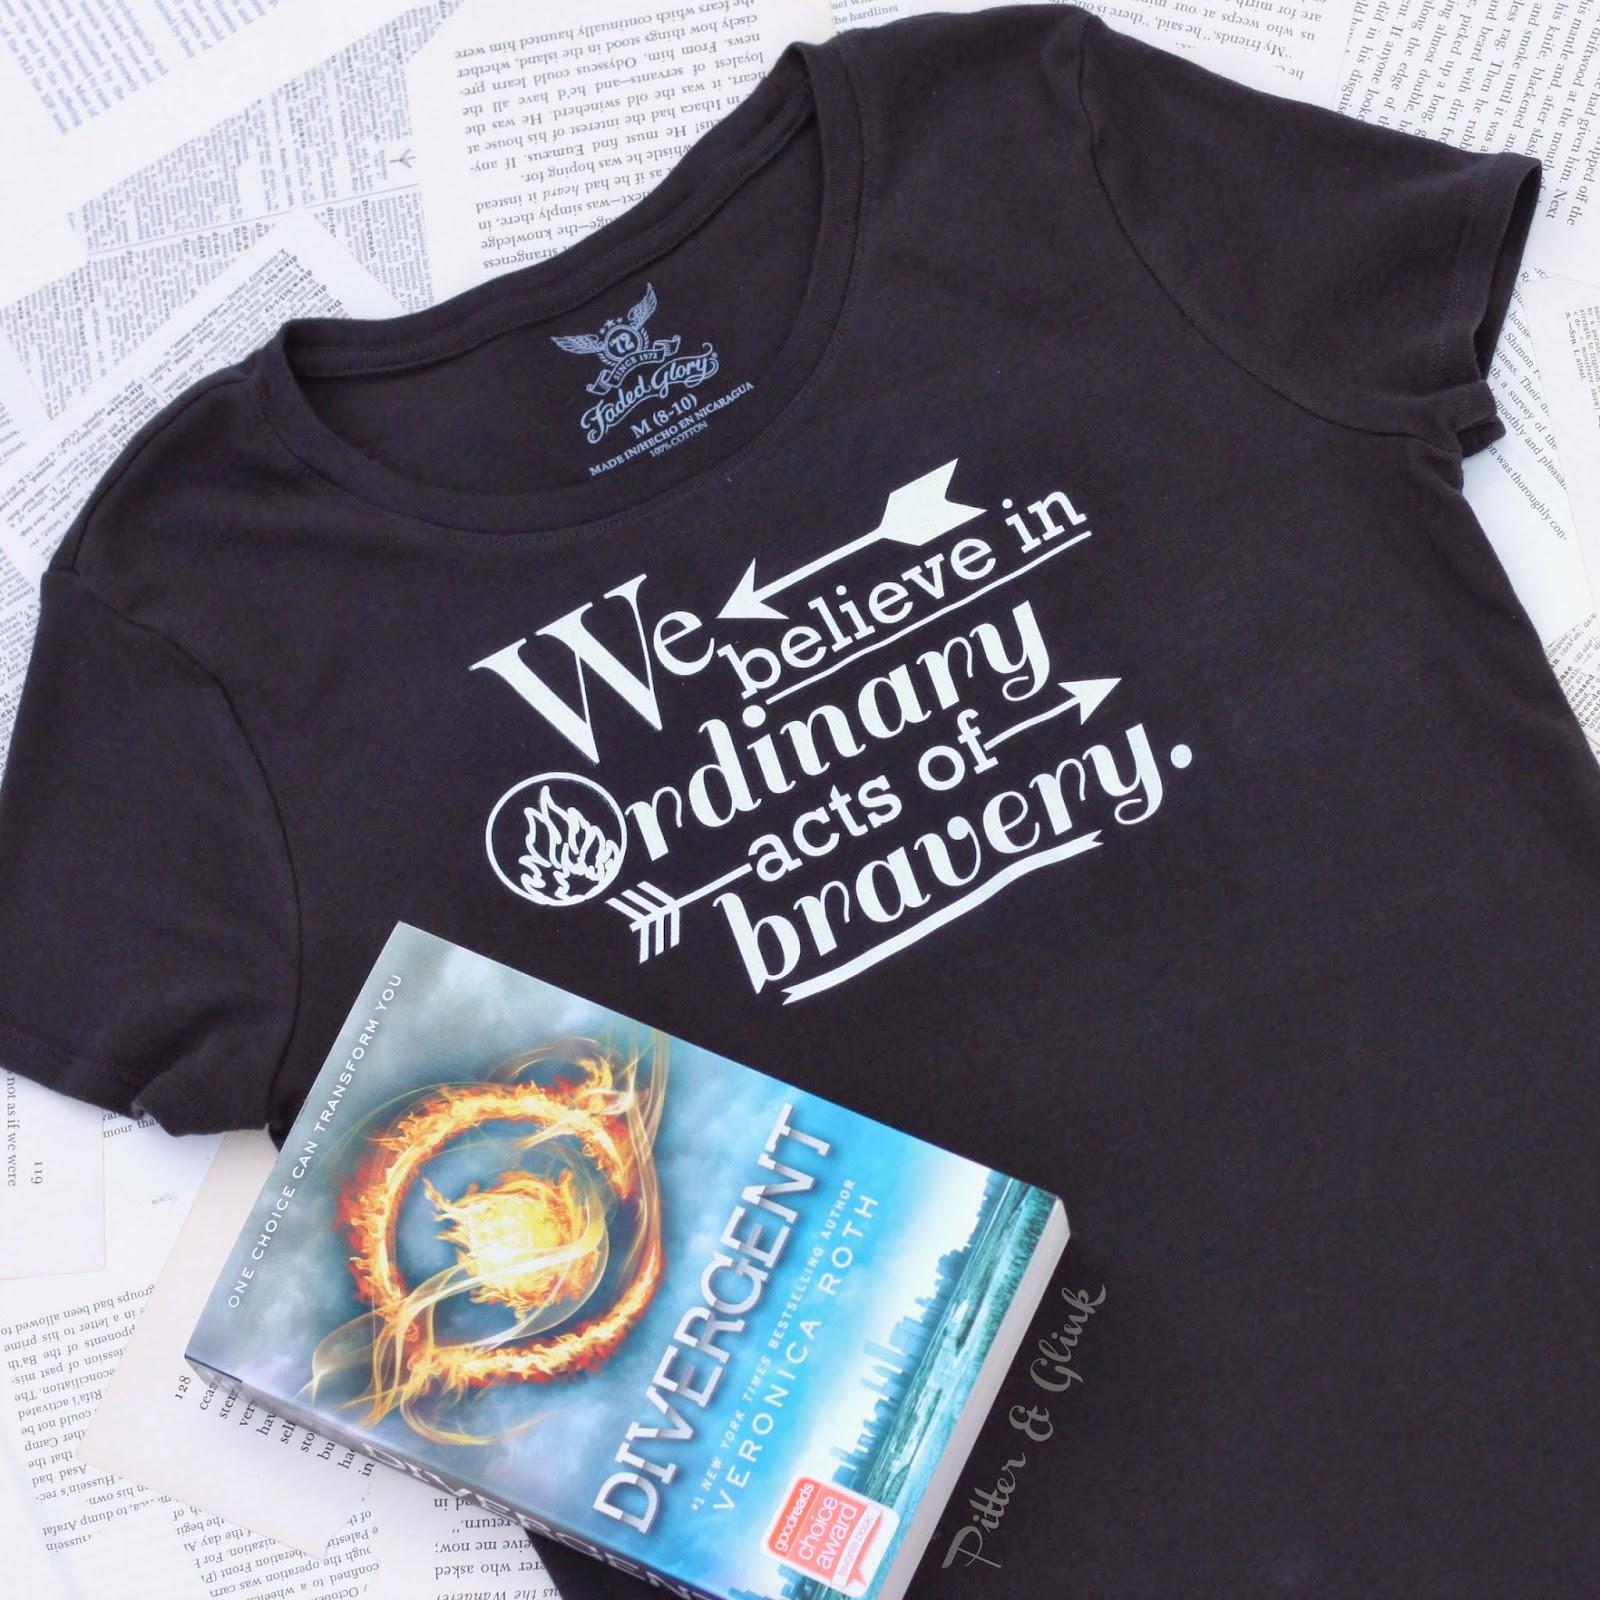 DIY Divergent-Inspired T-shirt & Keychain from PitterandGlink.com #divergent